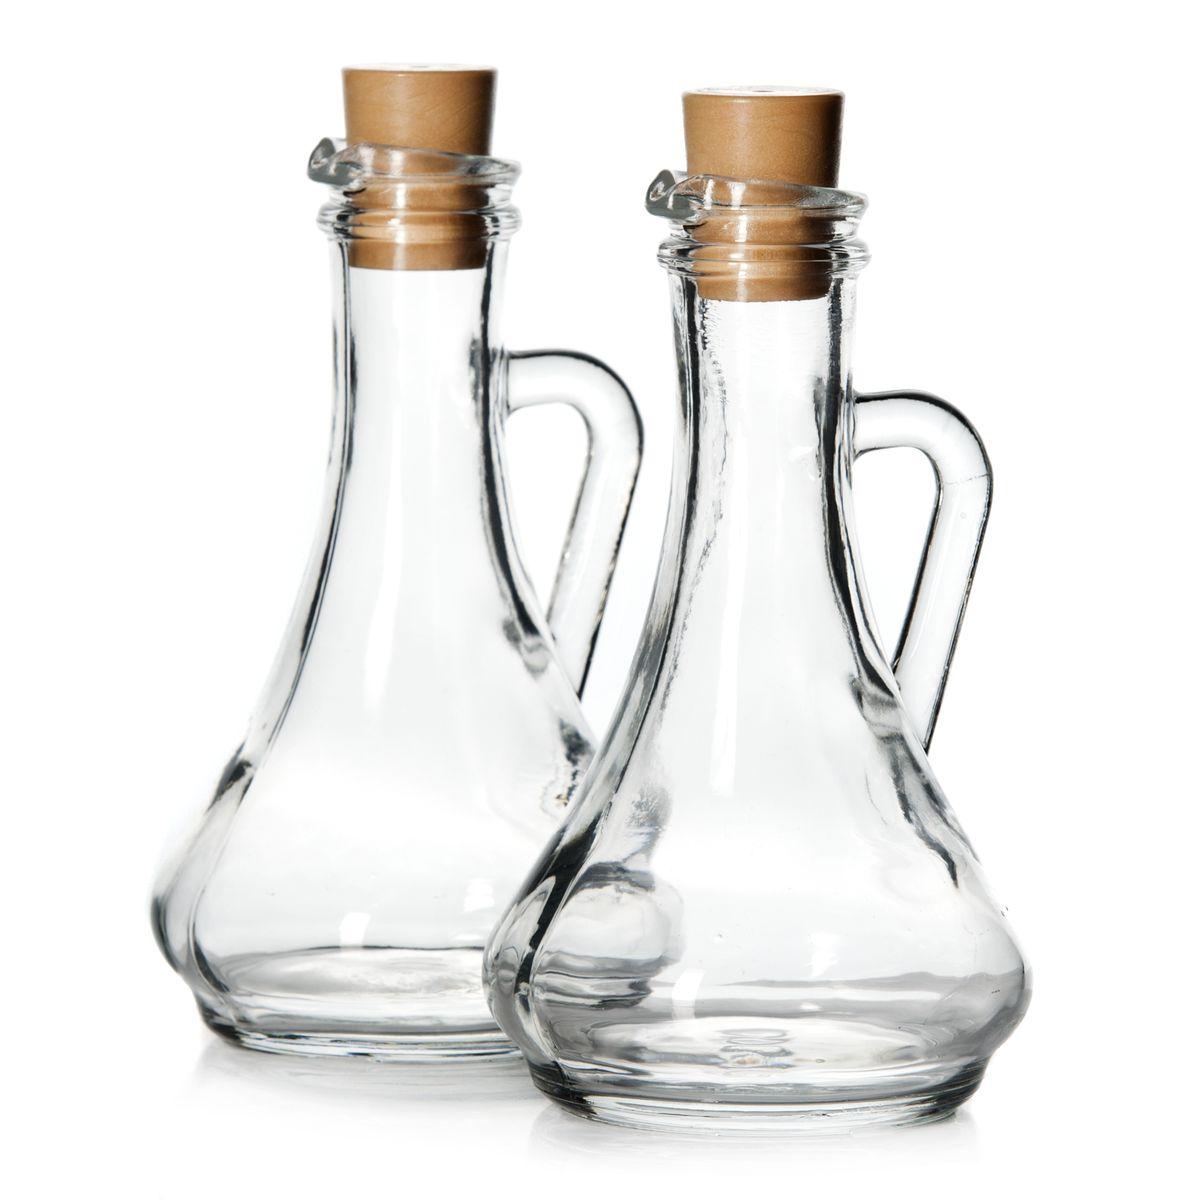 Набор емкостей для масла и уксуса Pasabahce Olivia, 260 мл, 2 шт. 80108B80108BНабор Pasabahce Olivia, выполненный из прочного натрий-кальций-силикатного стекла, состоит из двух емкостей для масла и уксуса. Такой набор позволит украсить любую кухню, внеся разнообразие как в строгий классический стиль, так и в современный кухонный интерьер. Емкости легки в использовании, стоит только перевернуть их, и вы с легкостью сможете добавить оливковое, подсолнечное масло, уксус или соус. Изделия, выполненные в виде кувшинов, оснащены плотно закрывающимися пластиковыми крышками и удобными ручками. Благодаря крышкам внутри сохраняется герметичность, и содержимое дольше остается свежим. Оригинальный набор для масла и уксуса будет отлично смотреться на вашей кухне. Можно мыть в посудомоечной машине. Объем: 260 мл. Диаметр (по верхнему краю): 3 см. Диаметр основания: 7 см. Высота емкости (без учета крышки): 16 см.